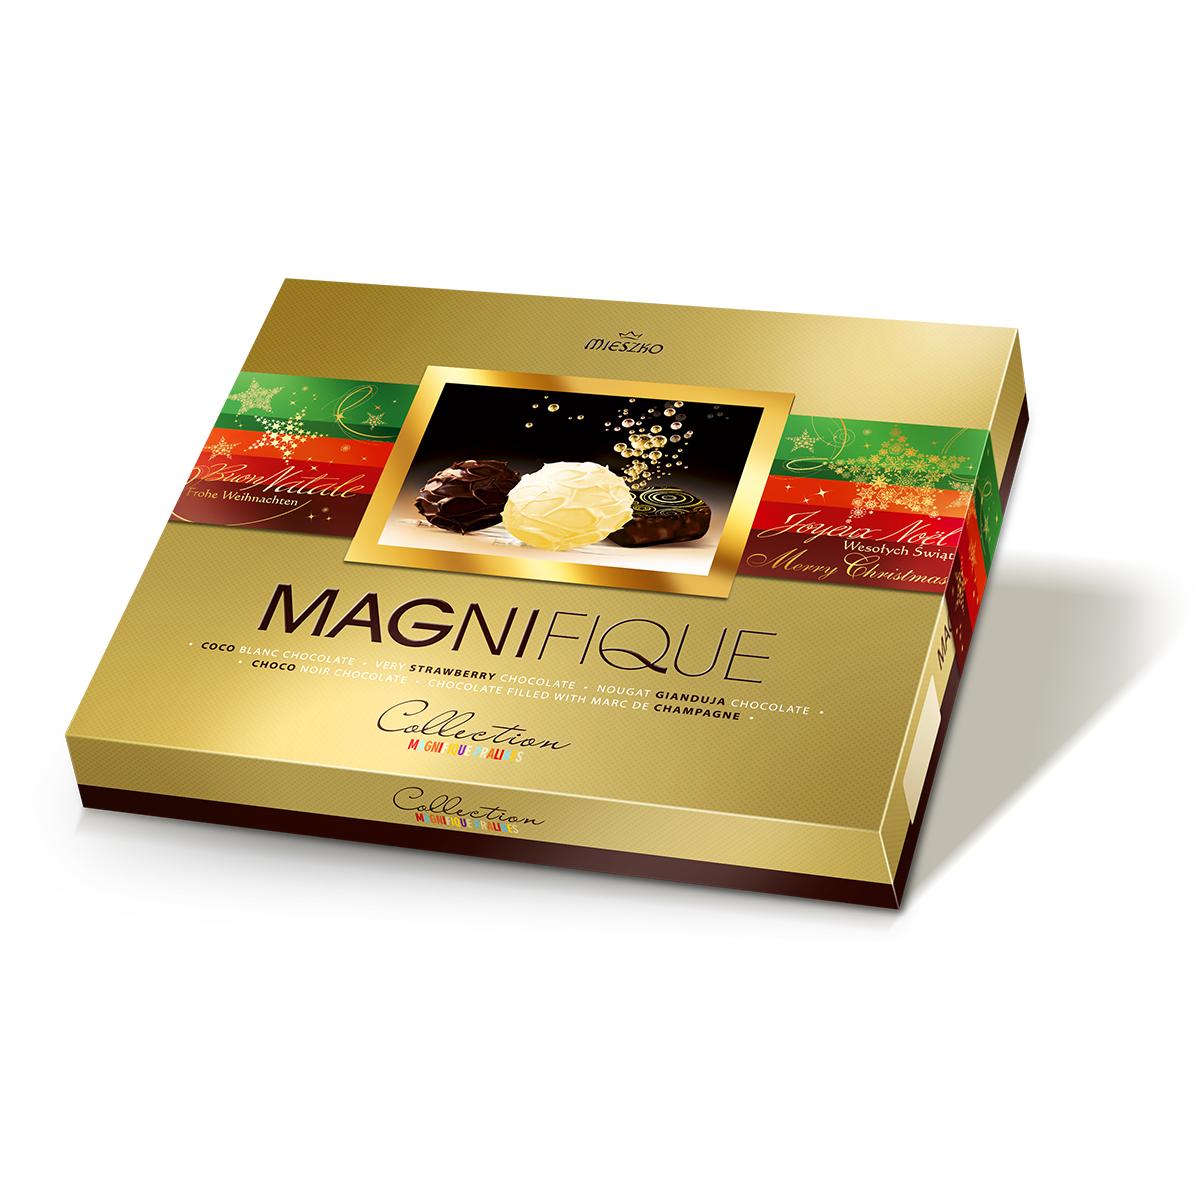 2020_09_09_magnifique_4